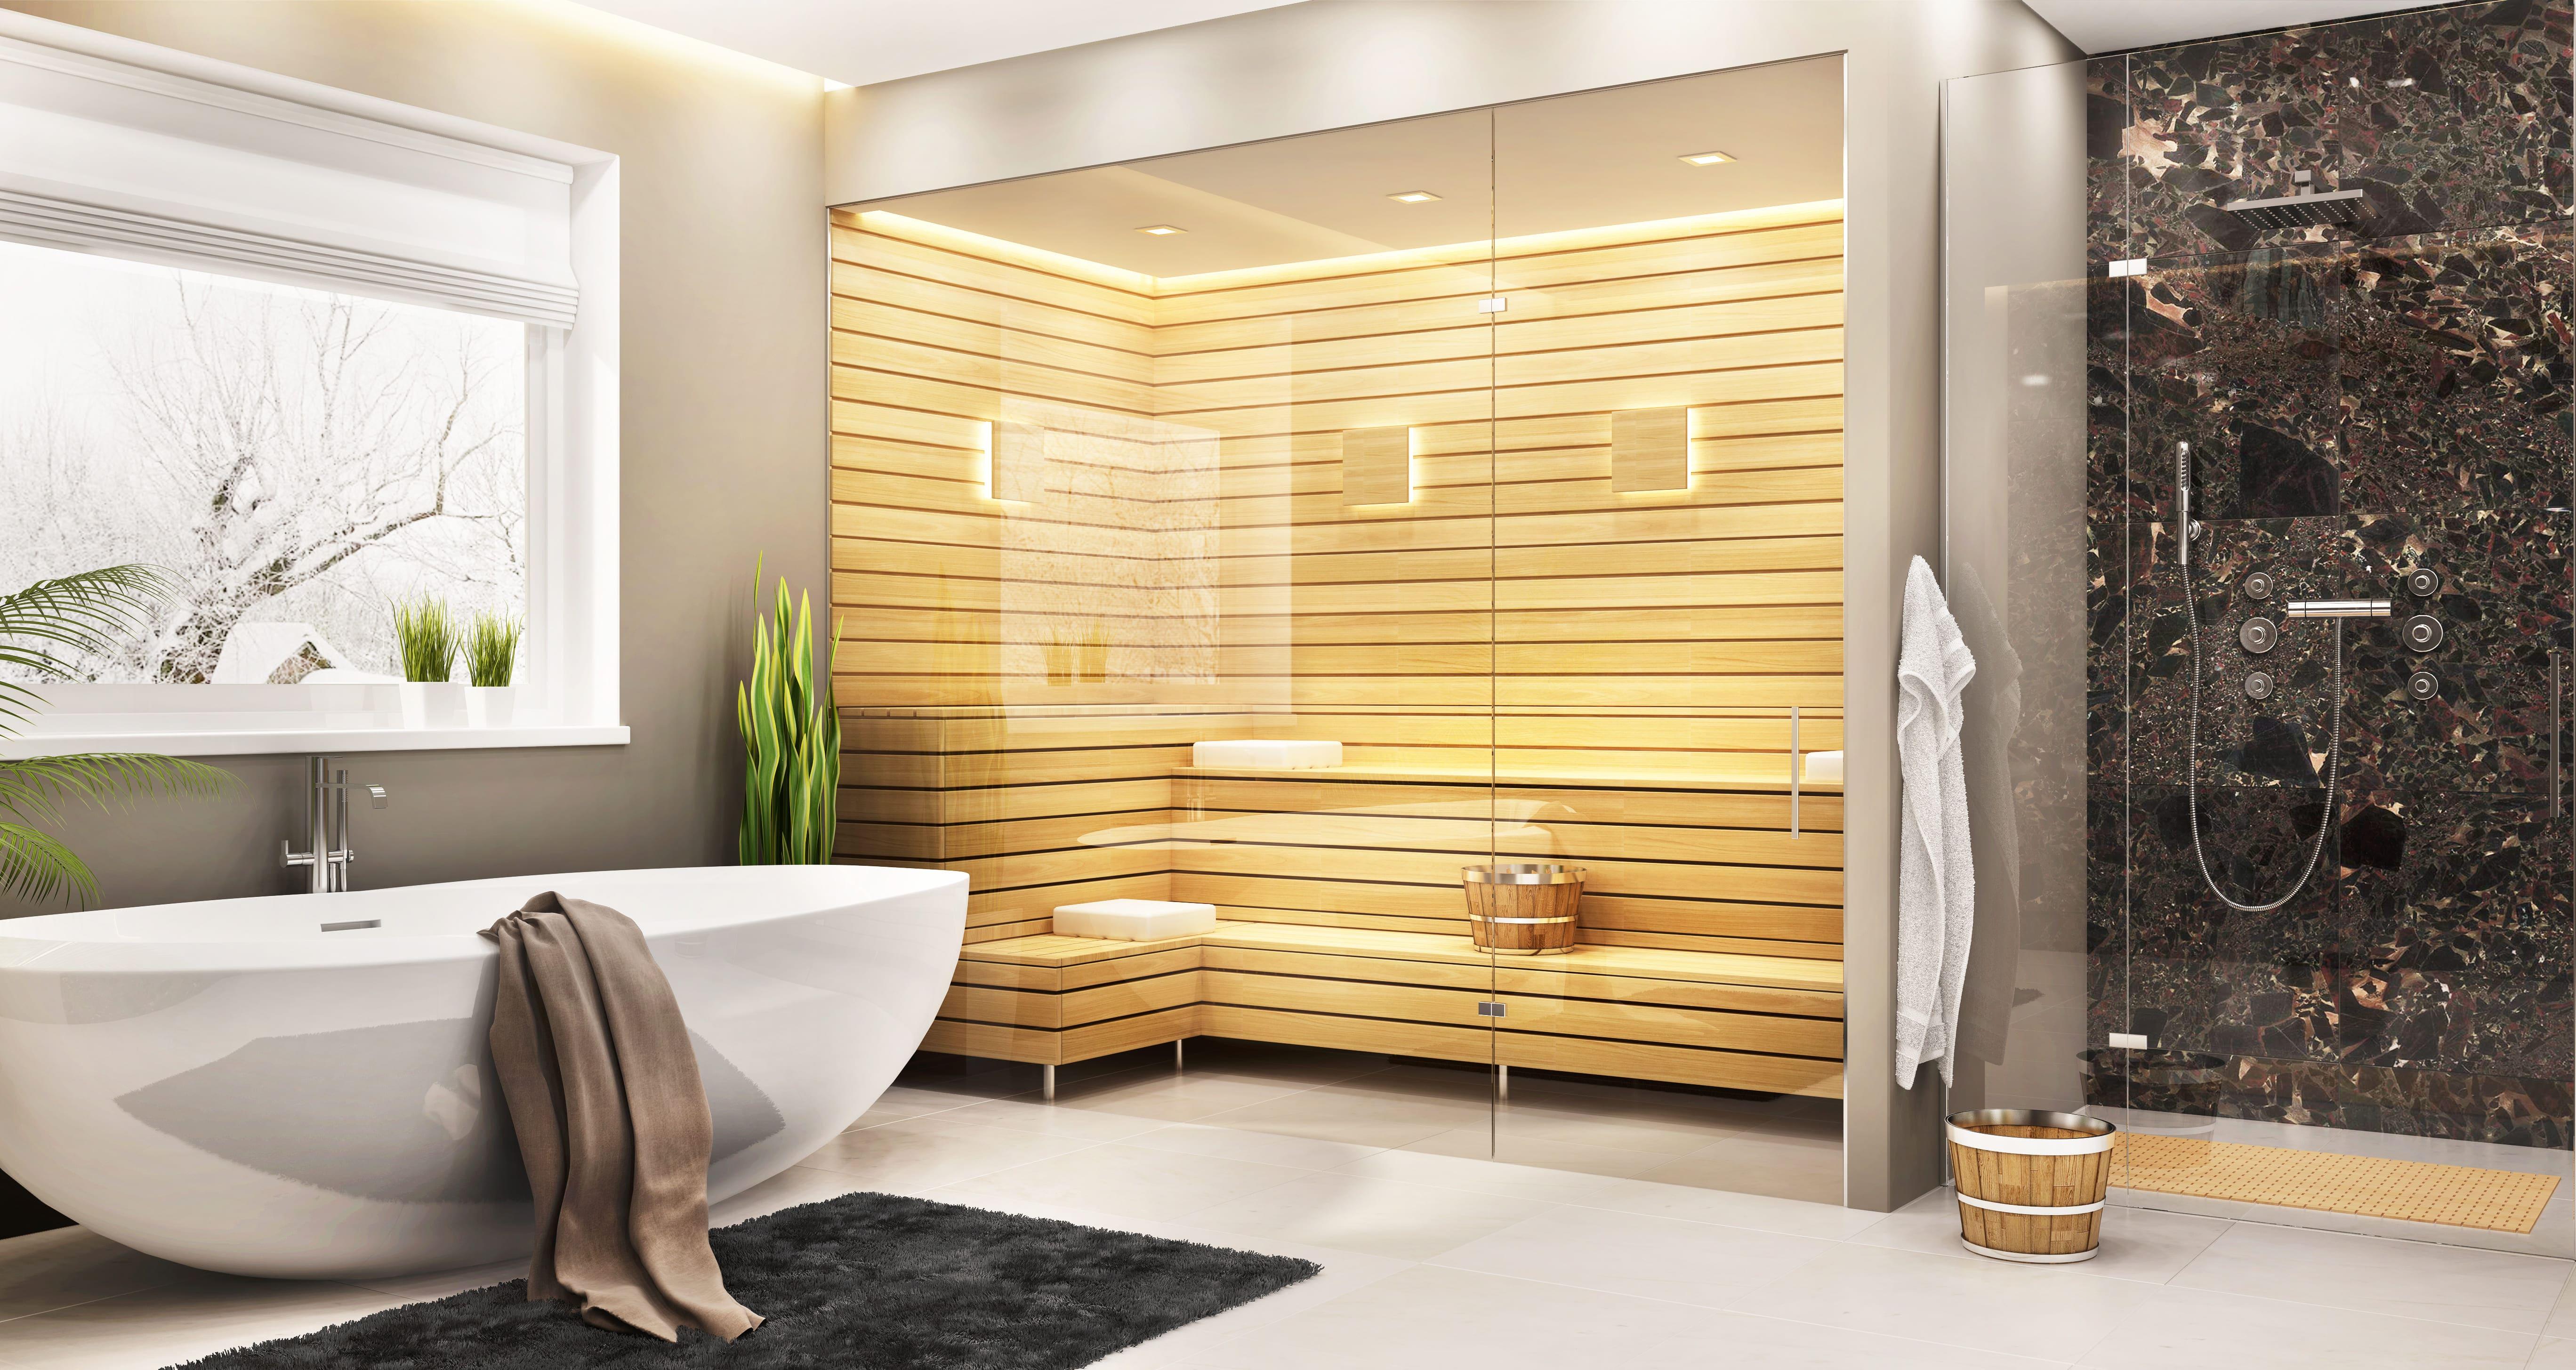 Sauna In Casa Consumi sauna in casa: il lusso di una spa domestica